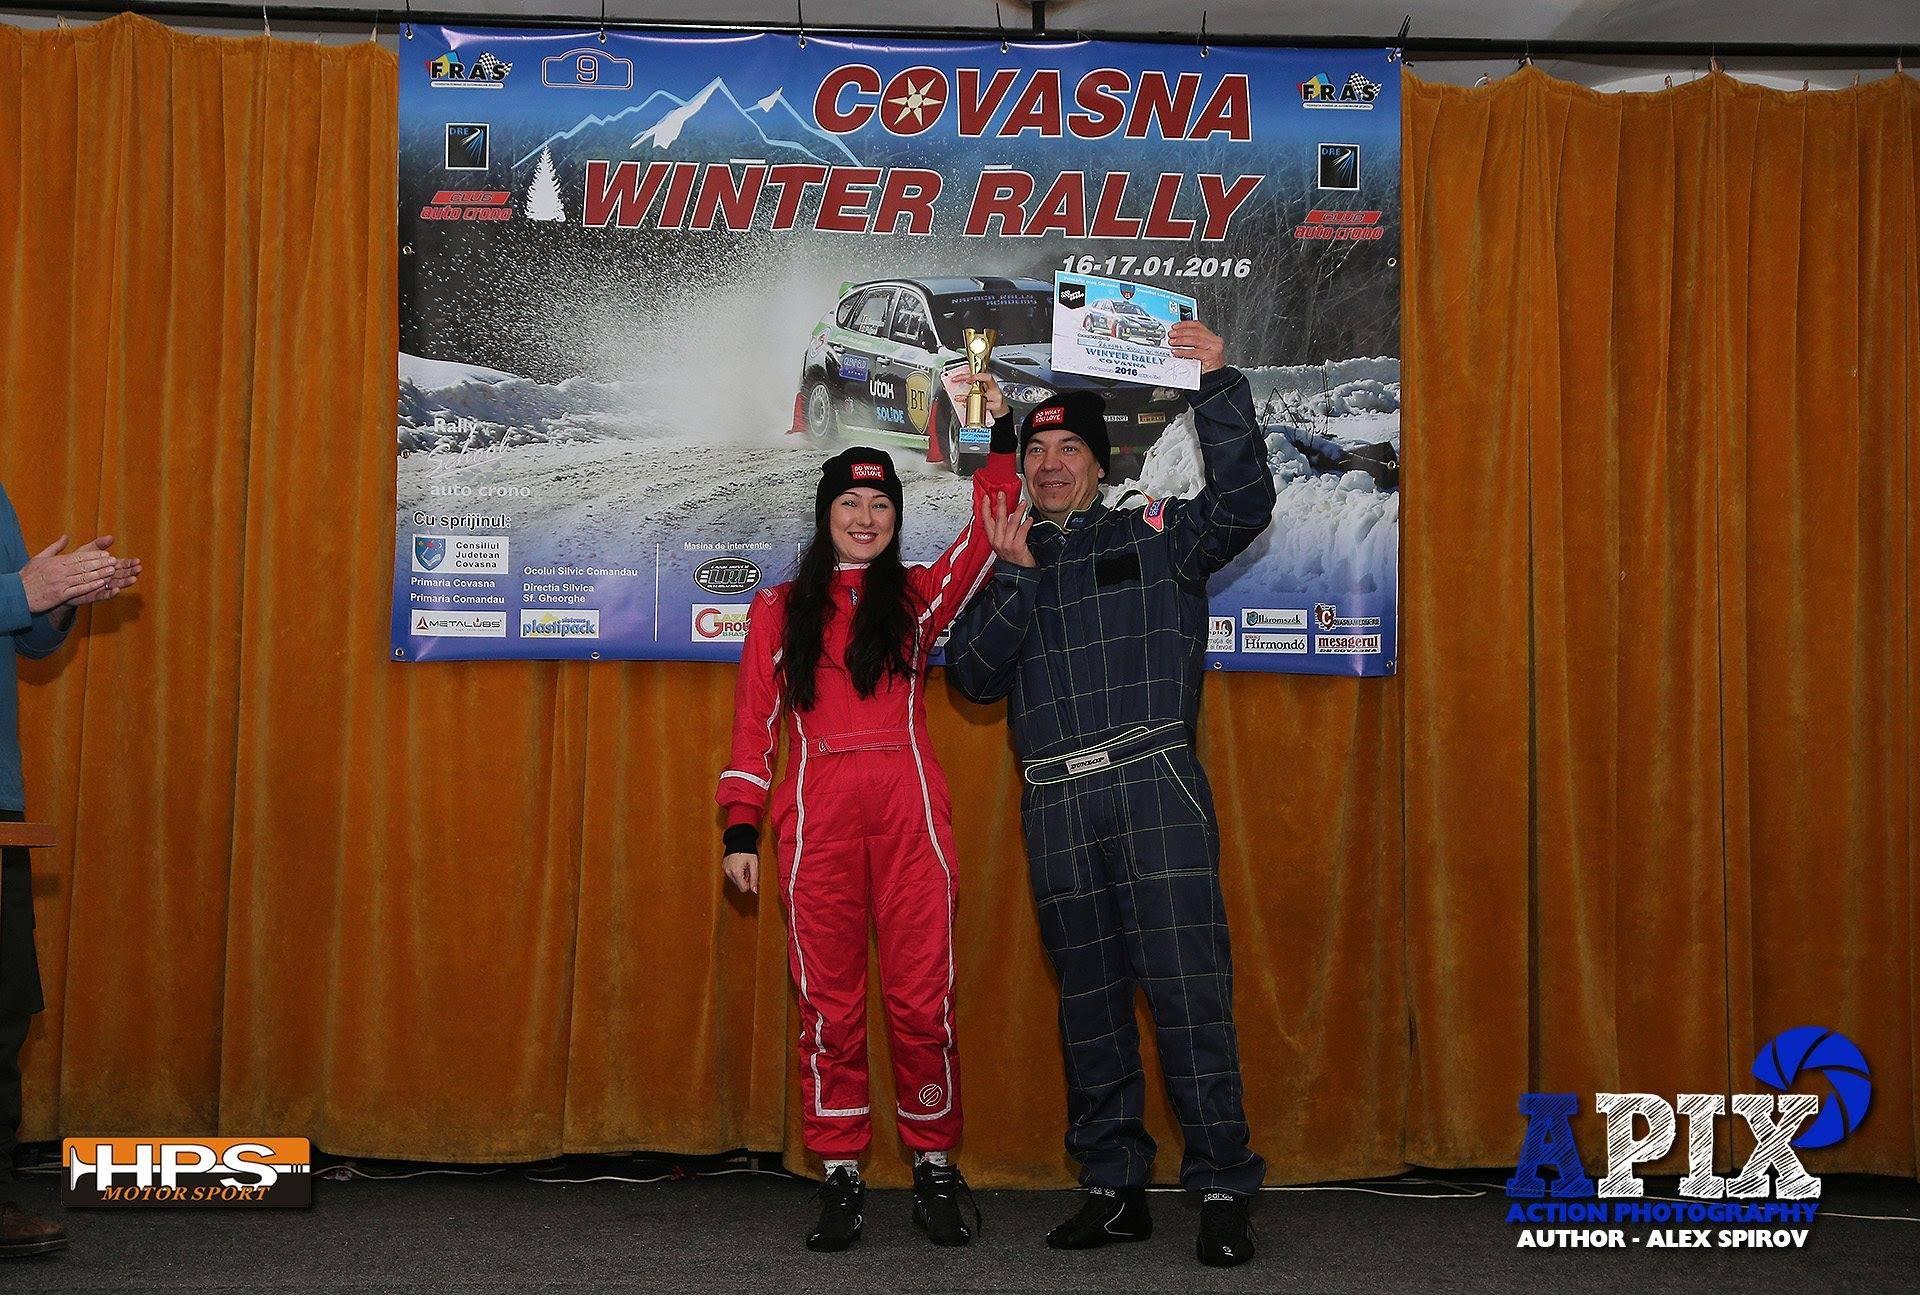 Rally Experience: Primul raliu pentru Ramona Rusu, pe zapada de la Covasna